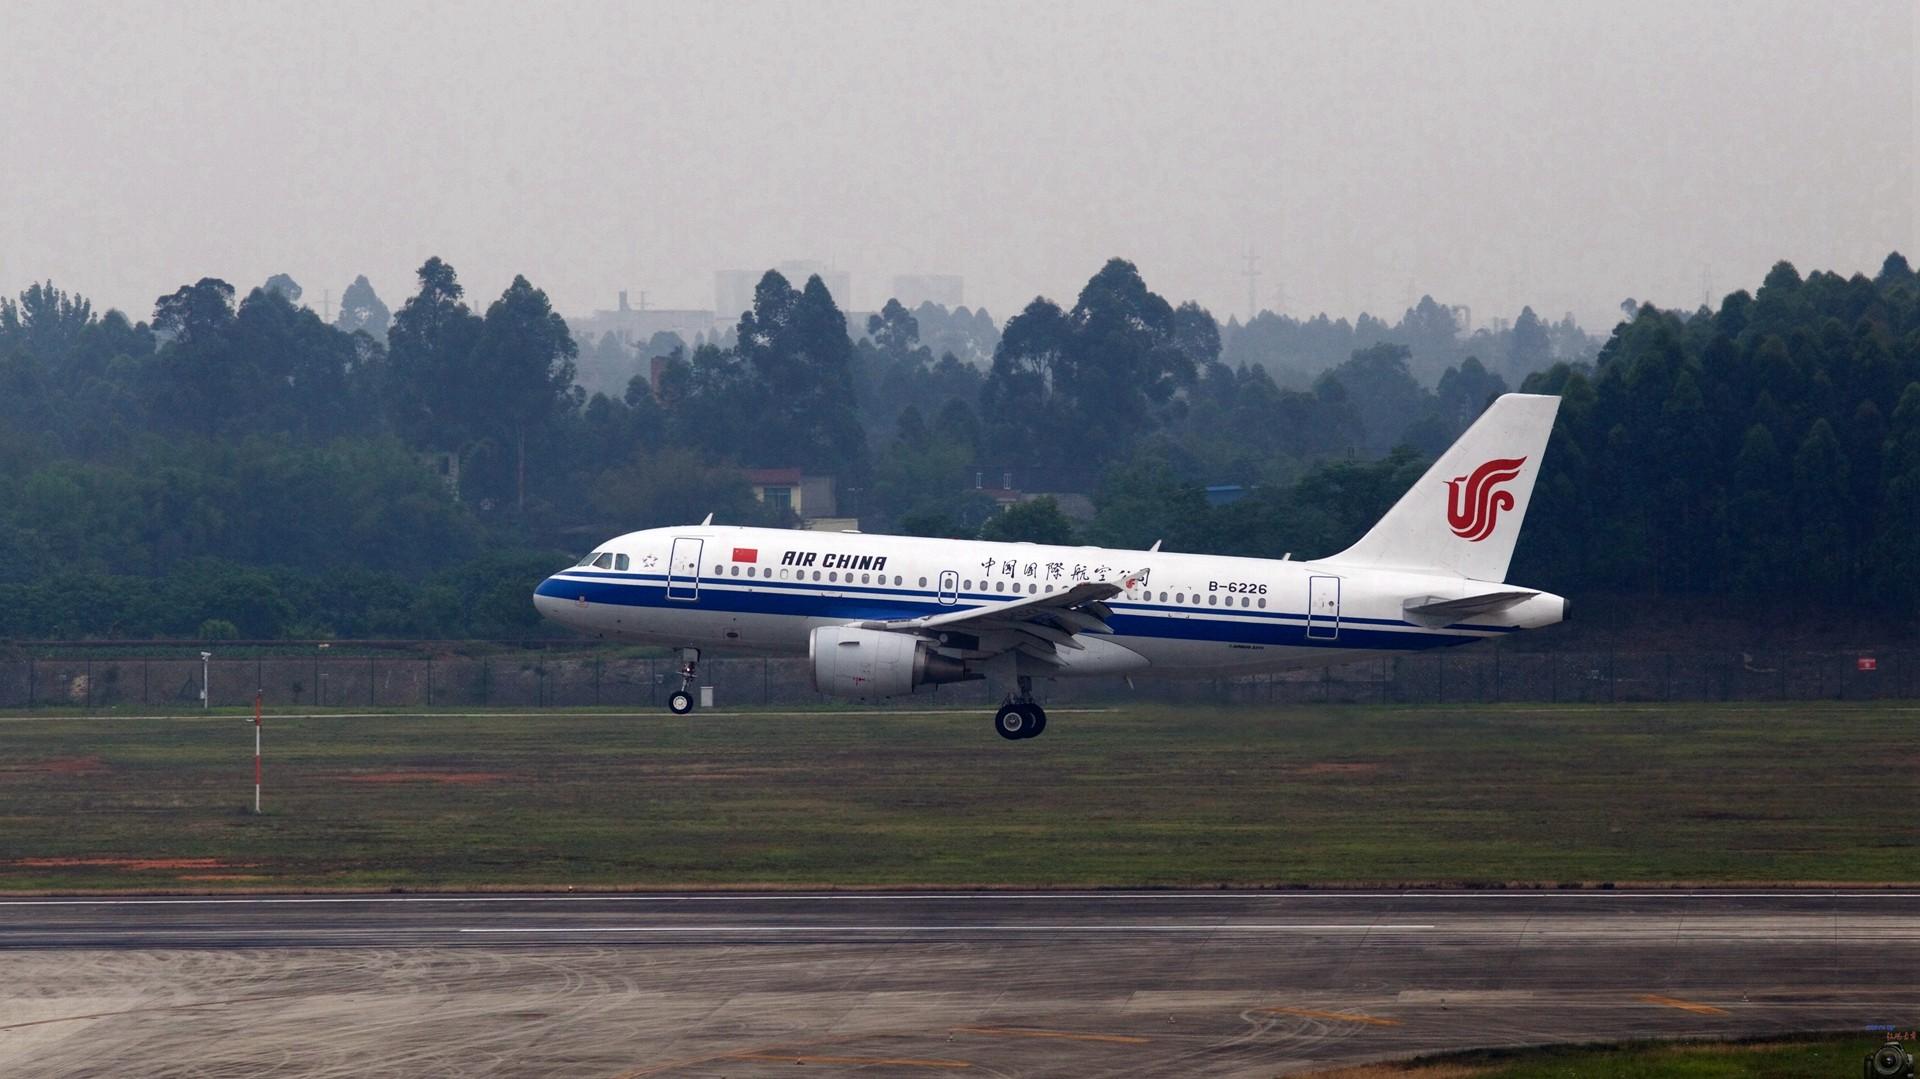 Re:[原创]重出江湖【CTU】2015.5.17打飞机 AIRBUS A319-100 B-6226 中国成都双流国际机场